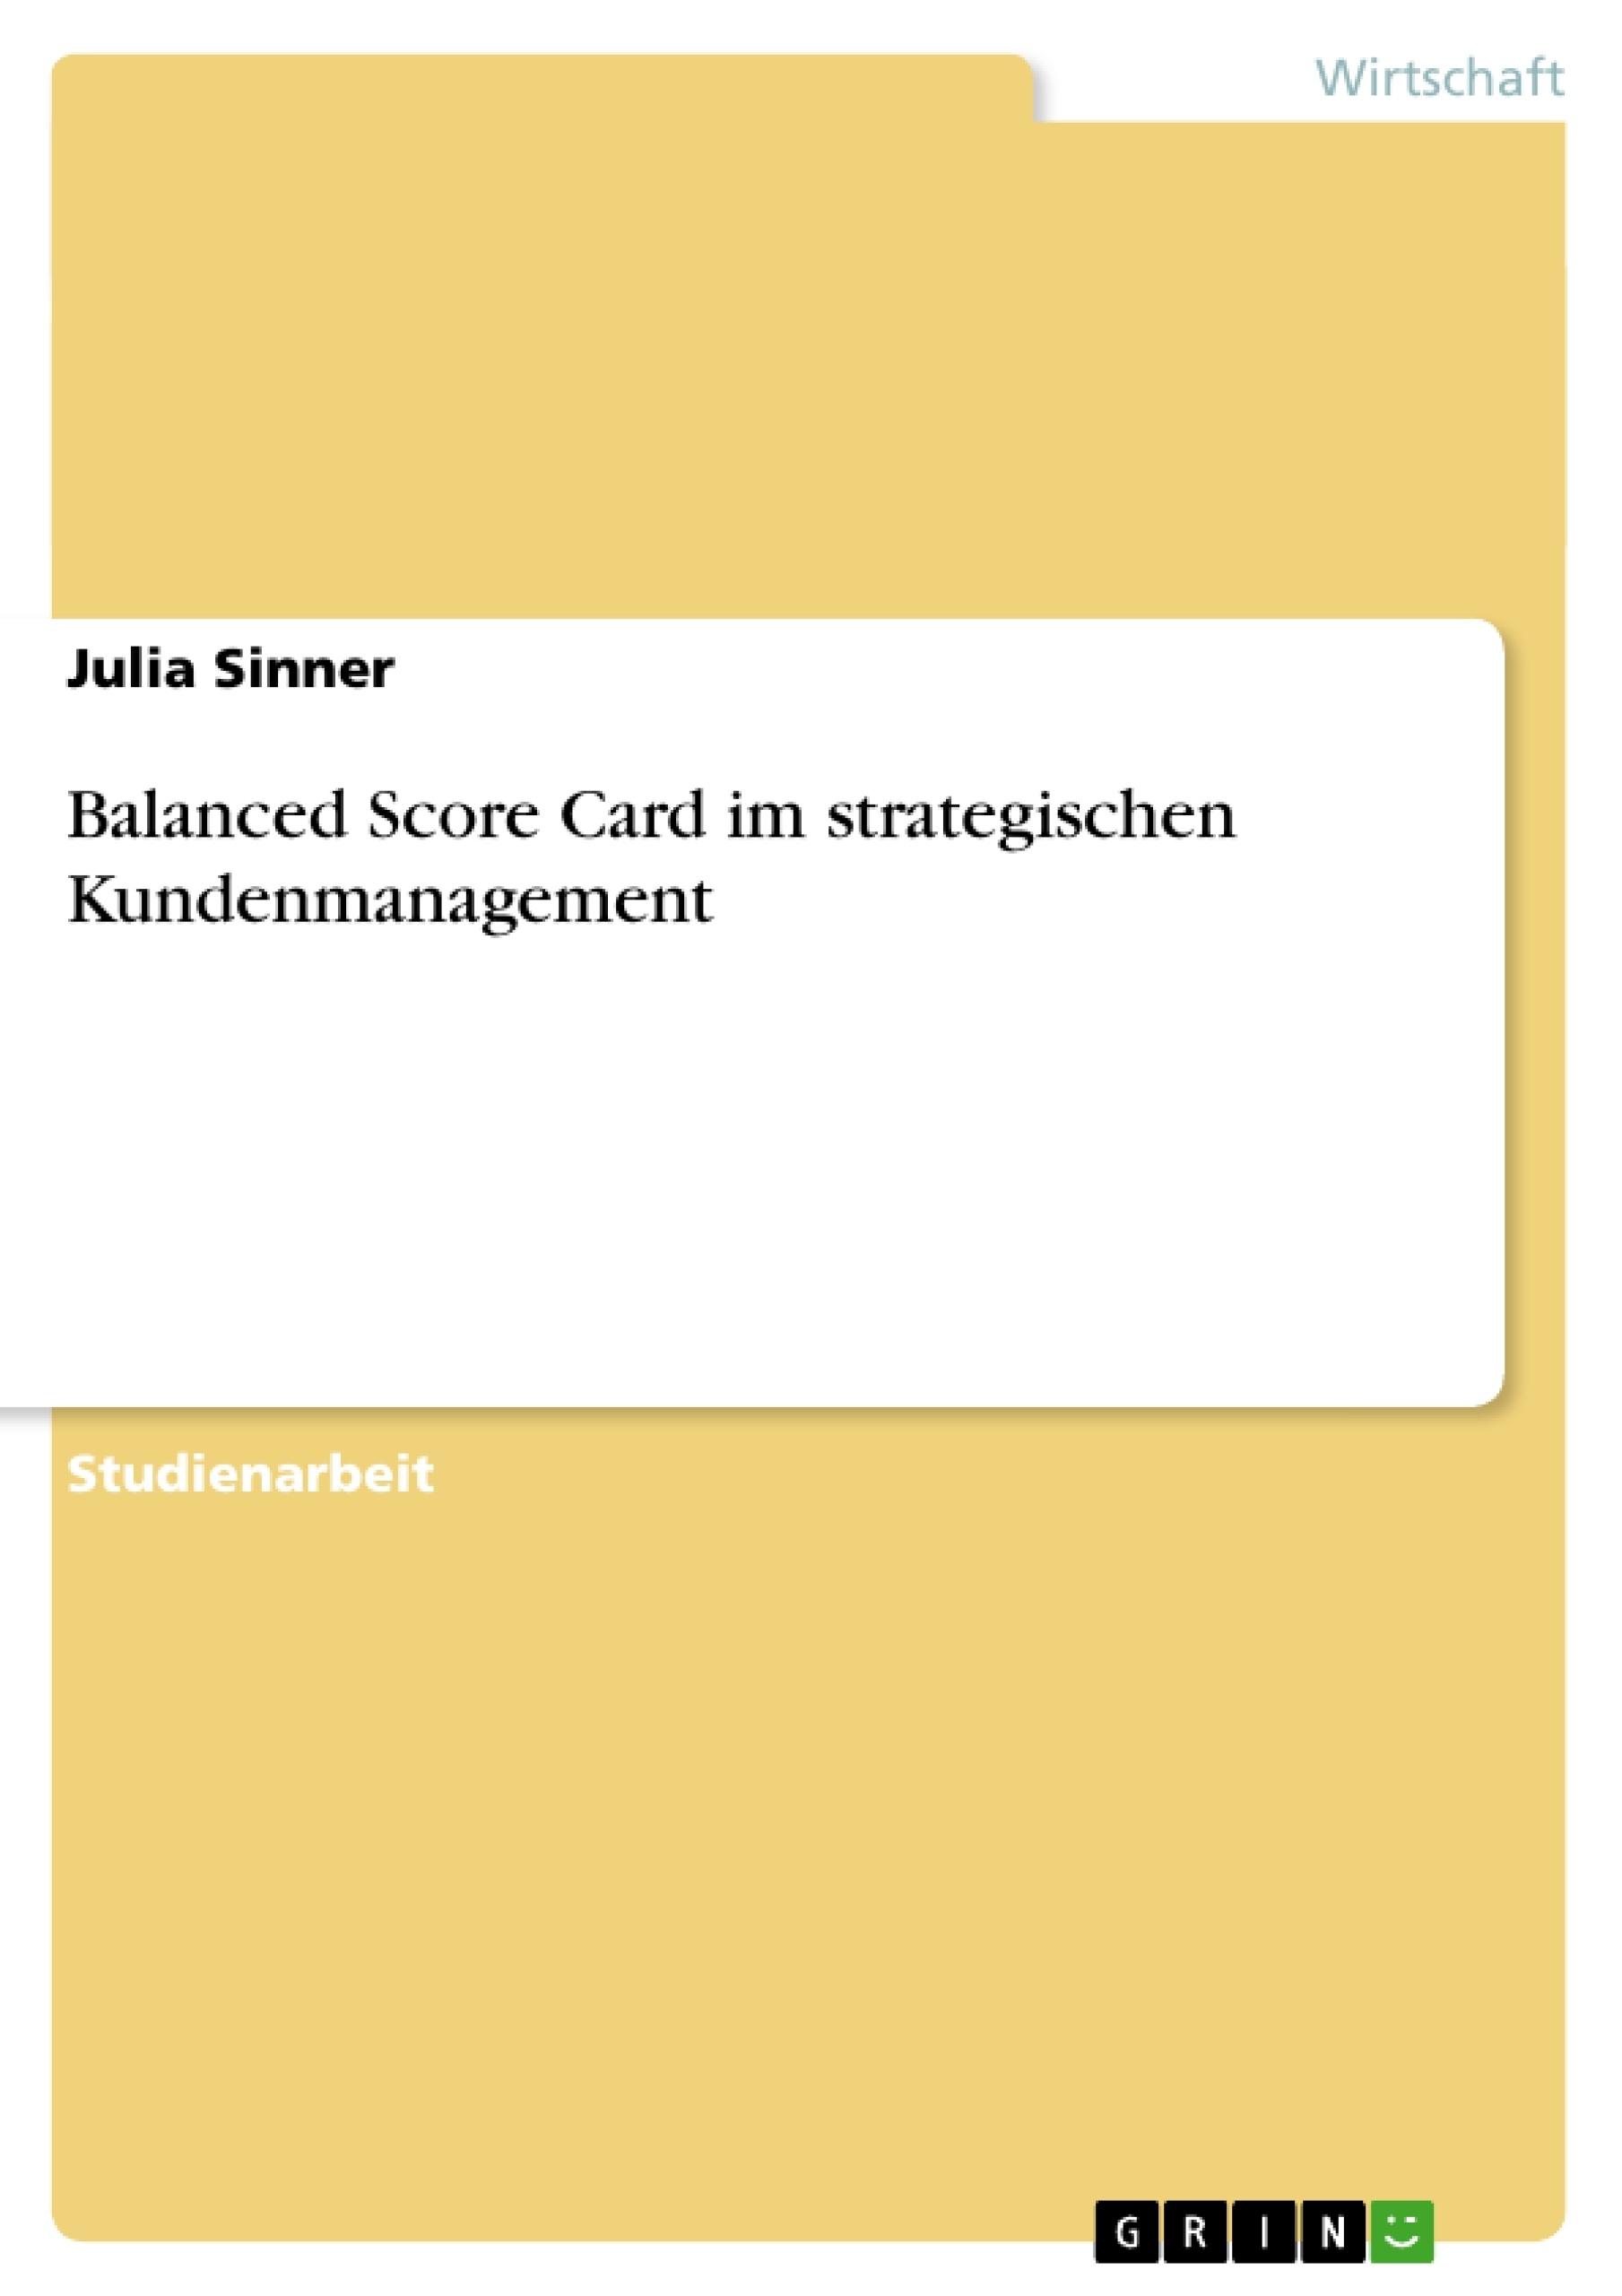 Titel: Balanced Score Card im strategischen Kundenmanagement